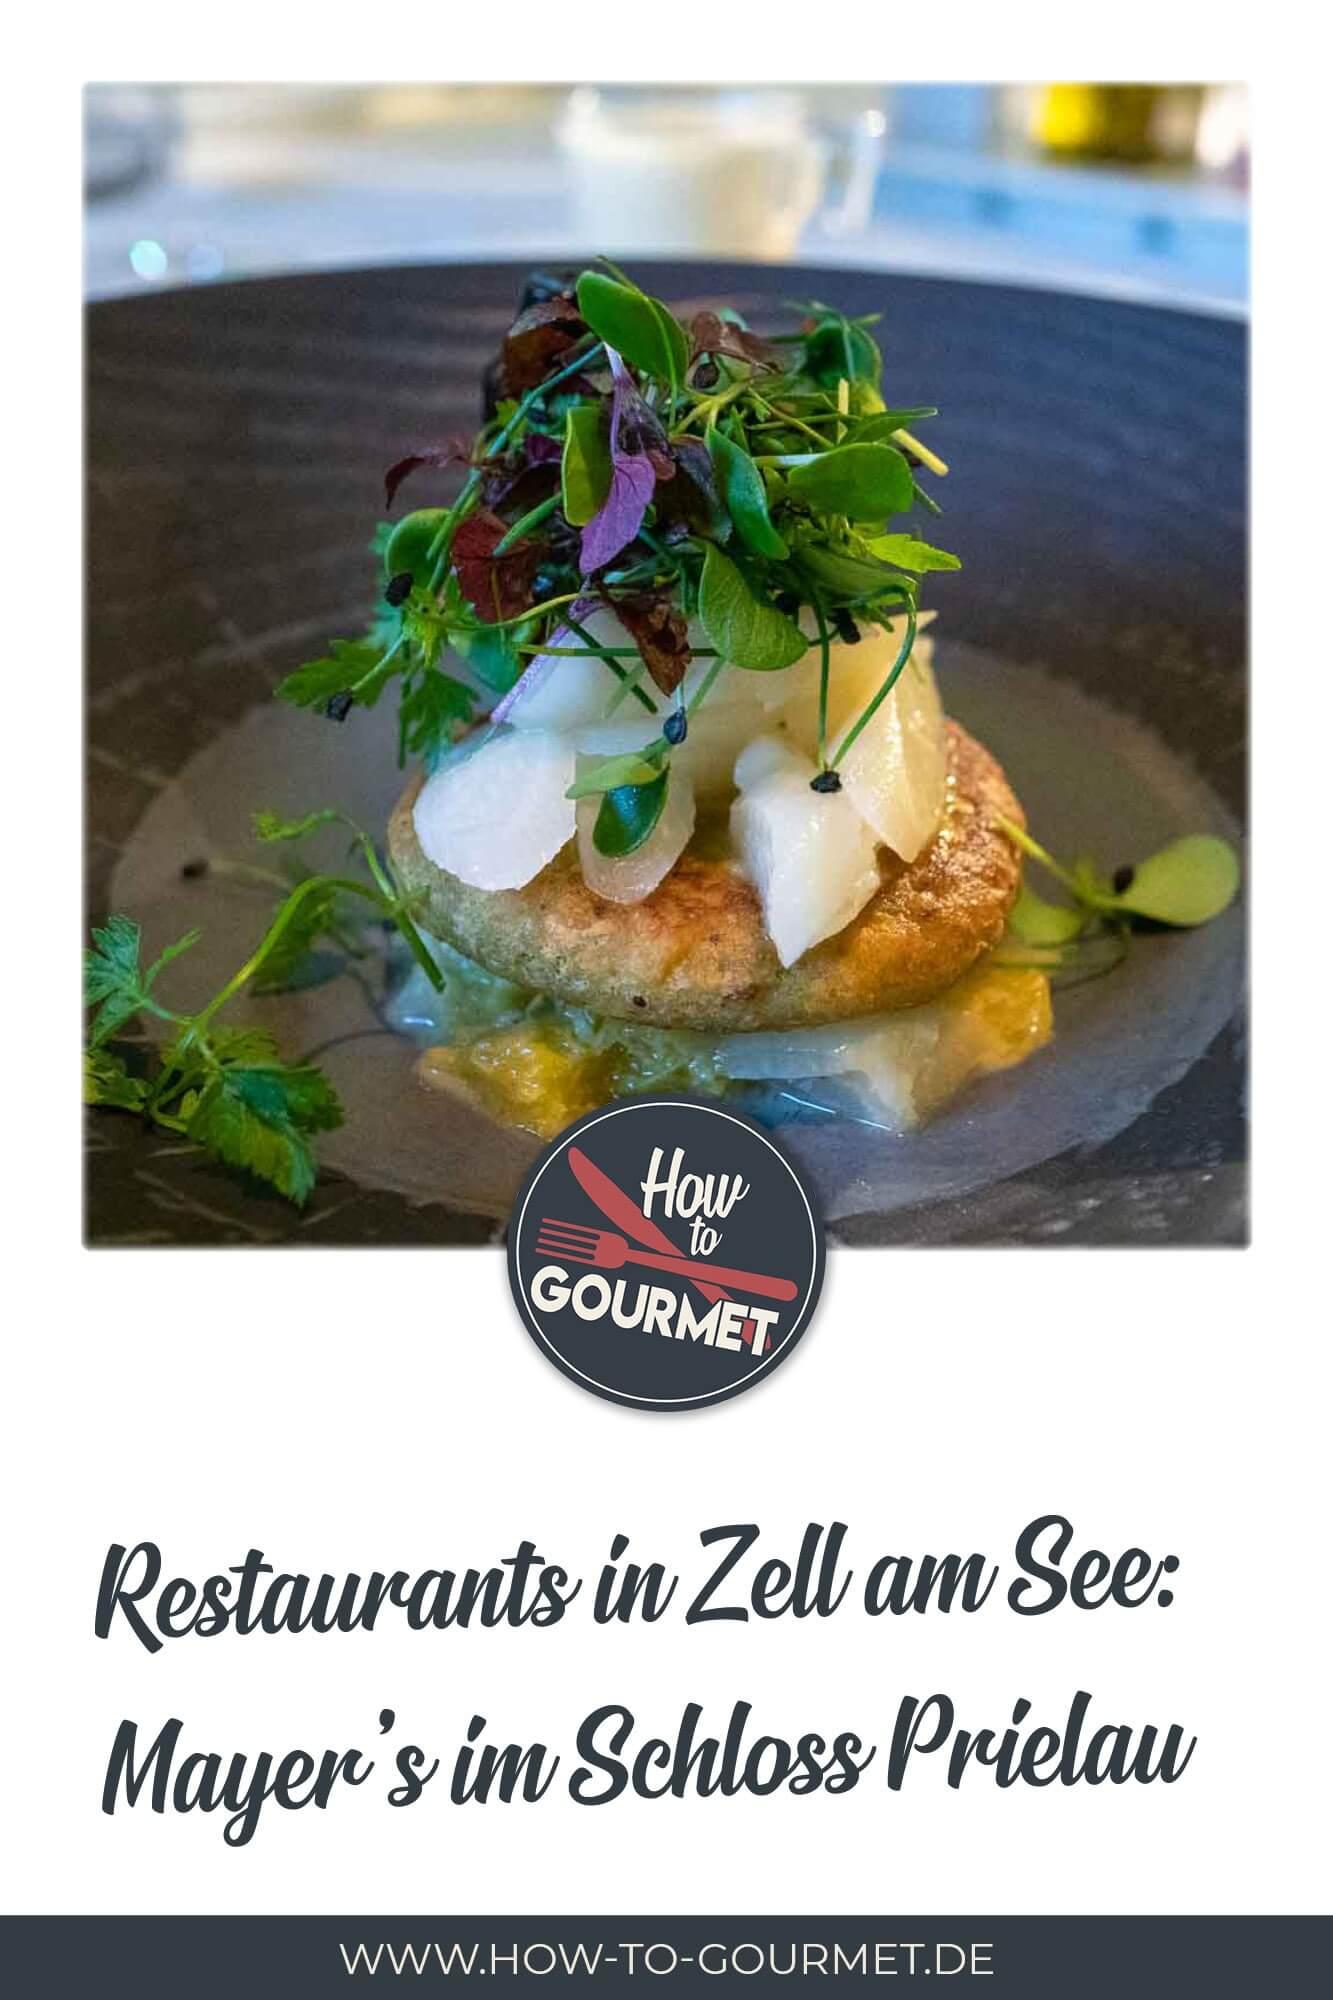 Mayers Restaurant Schloss Pielau Zell am See